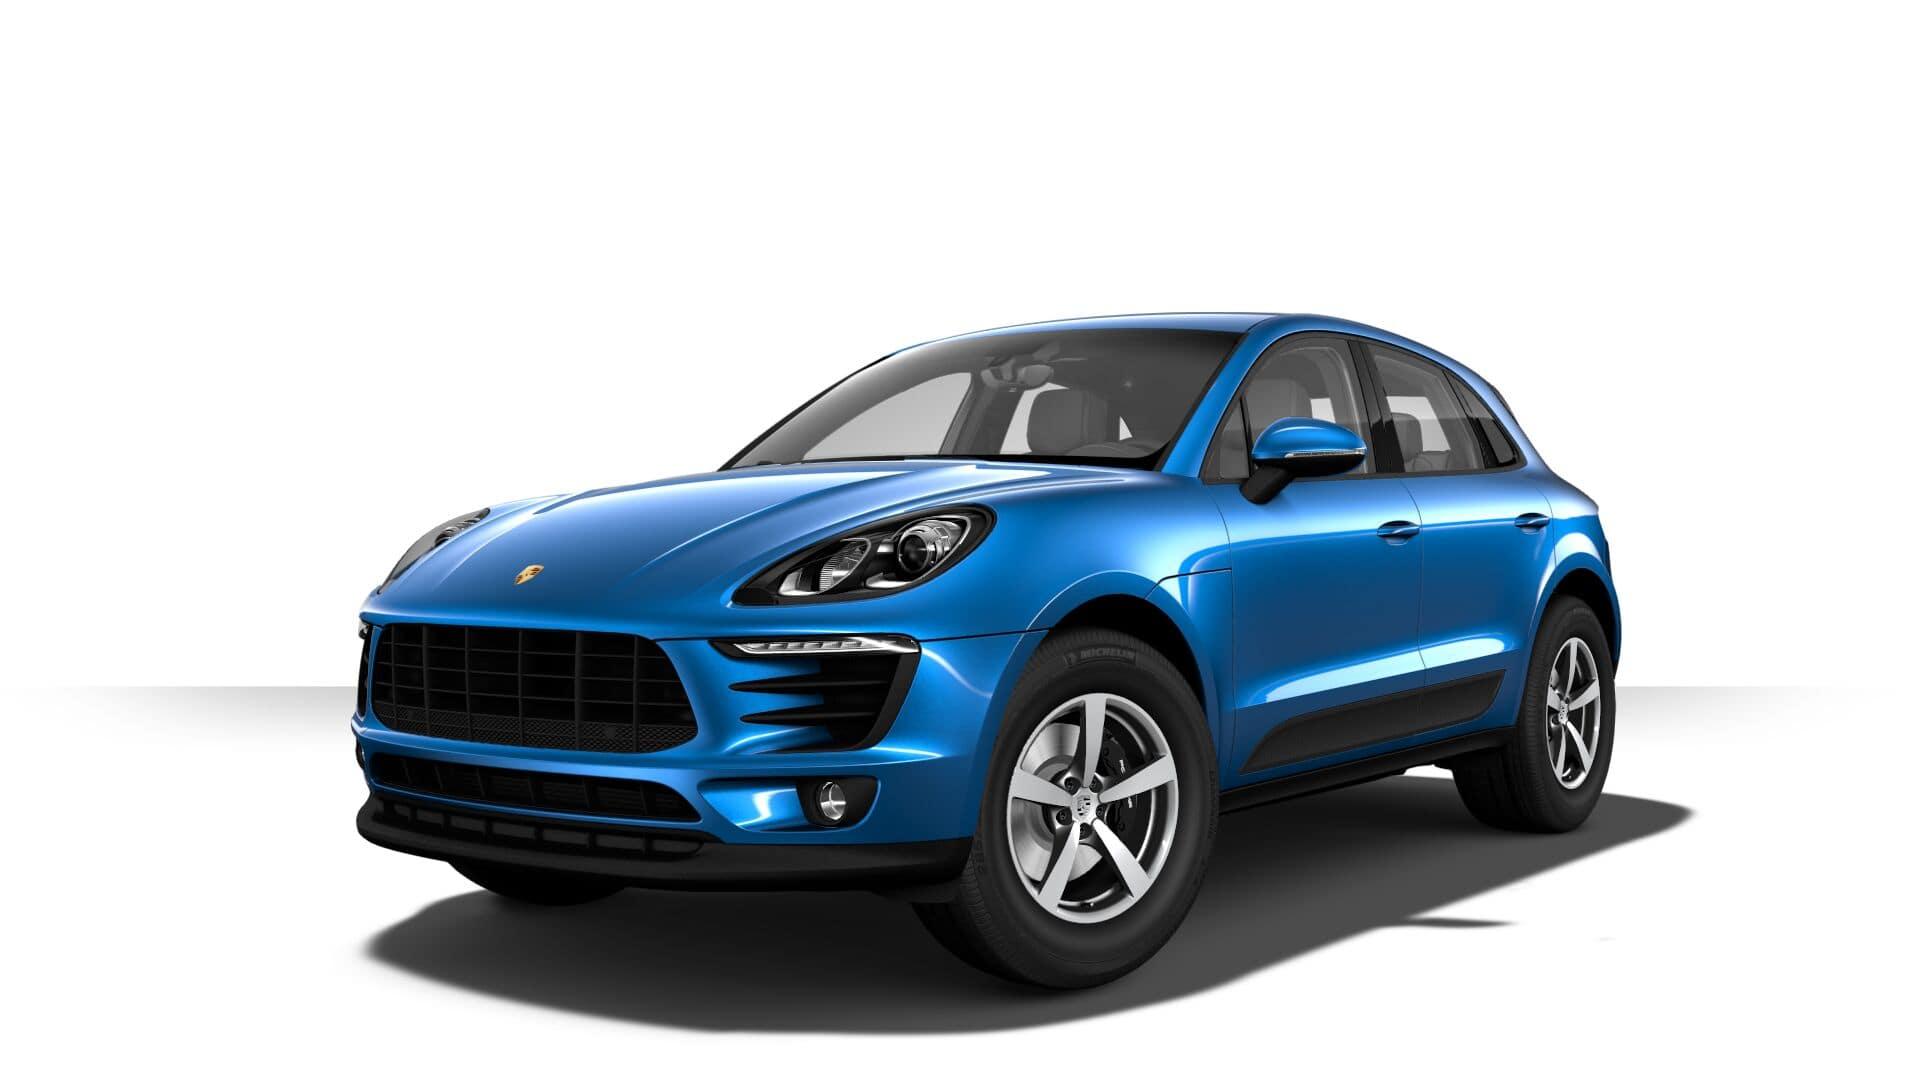 Porsche Macan Sapphire Blue Metallic